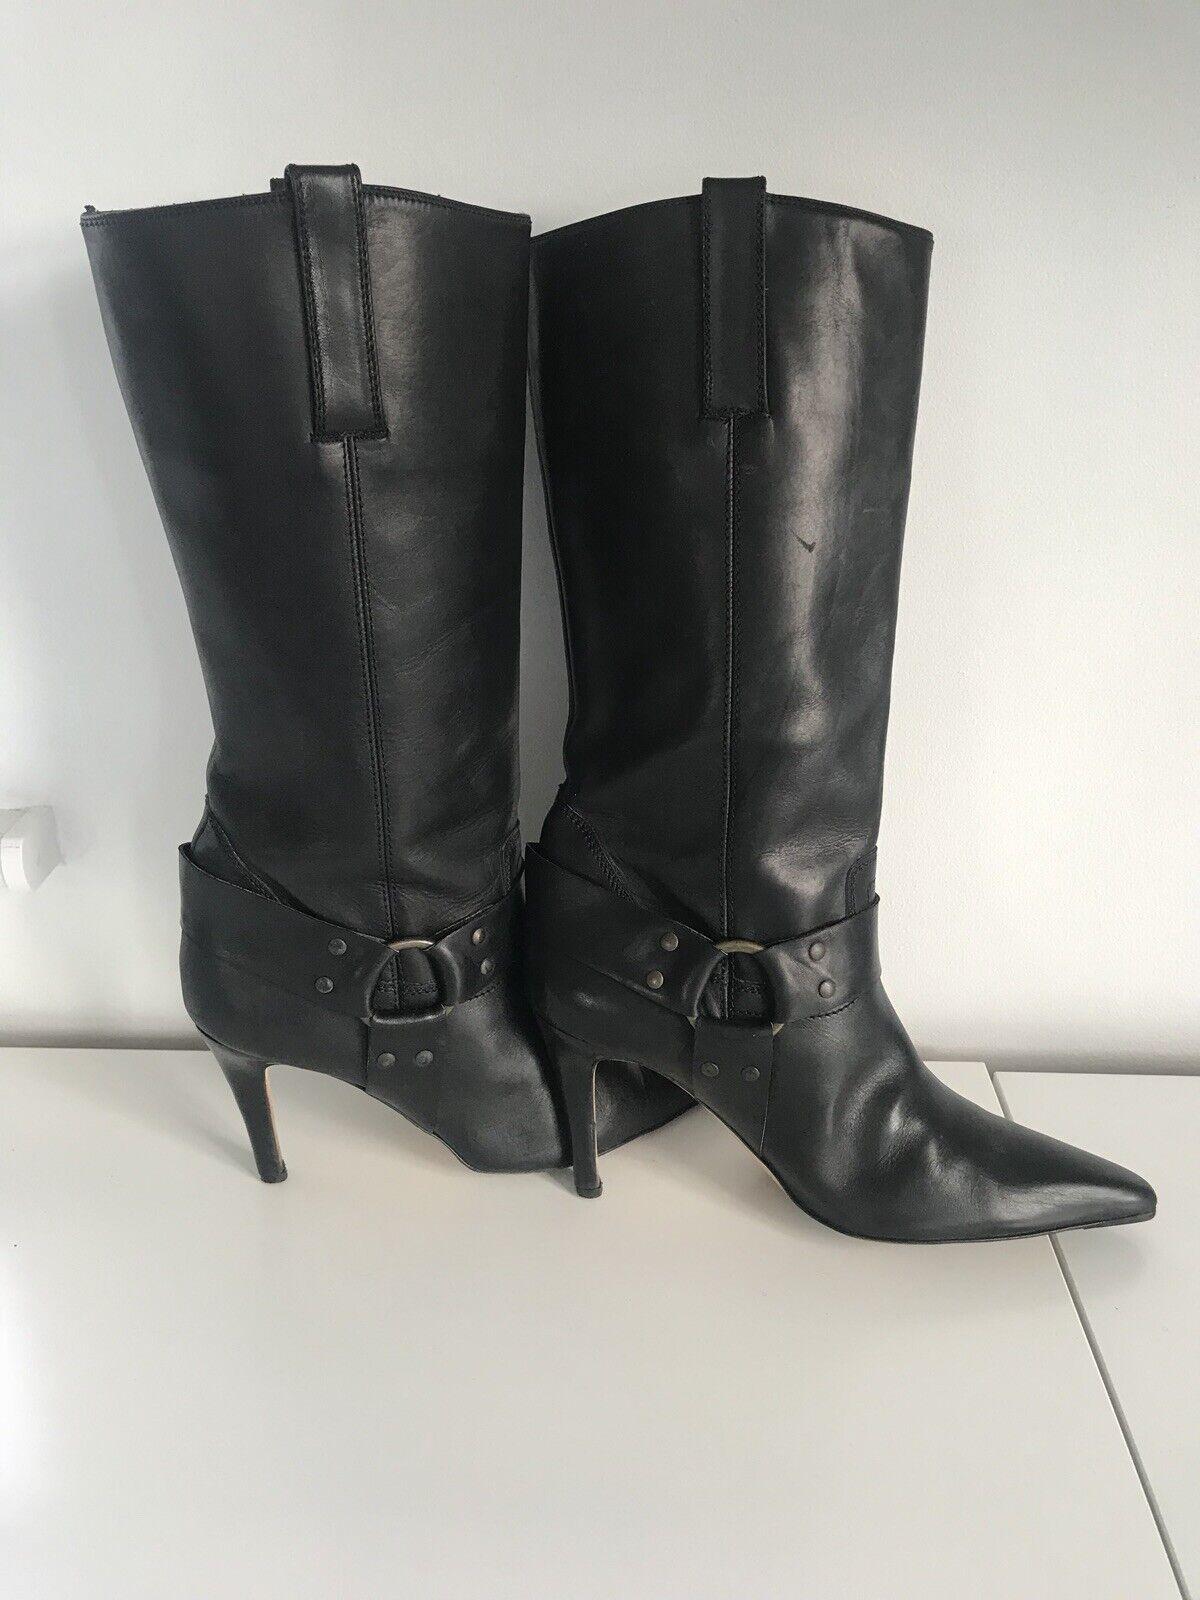 MANOLO BLAHNIK cuir noir à talon Pointure 39.5 39.5 39.5 0bd620